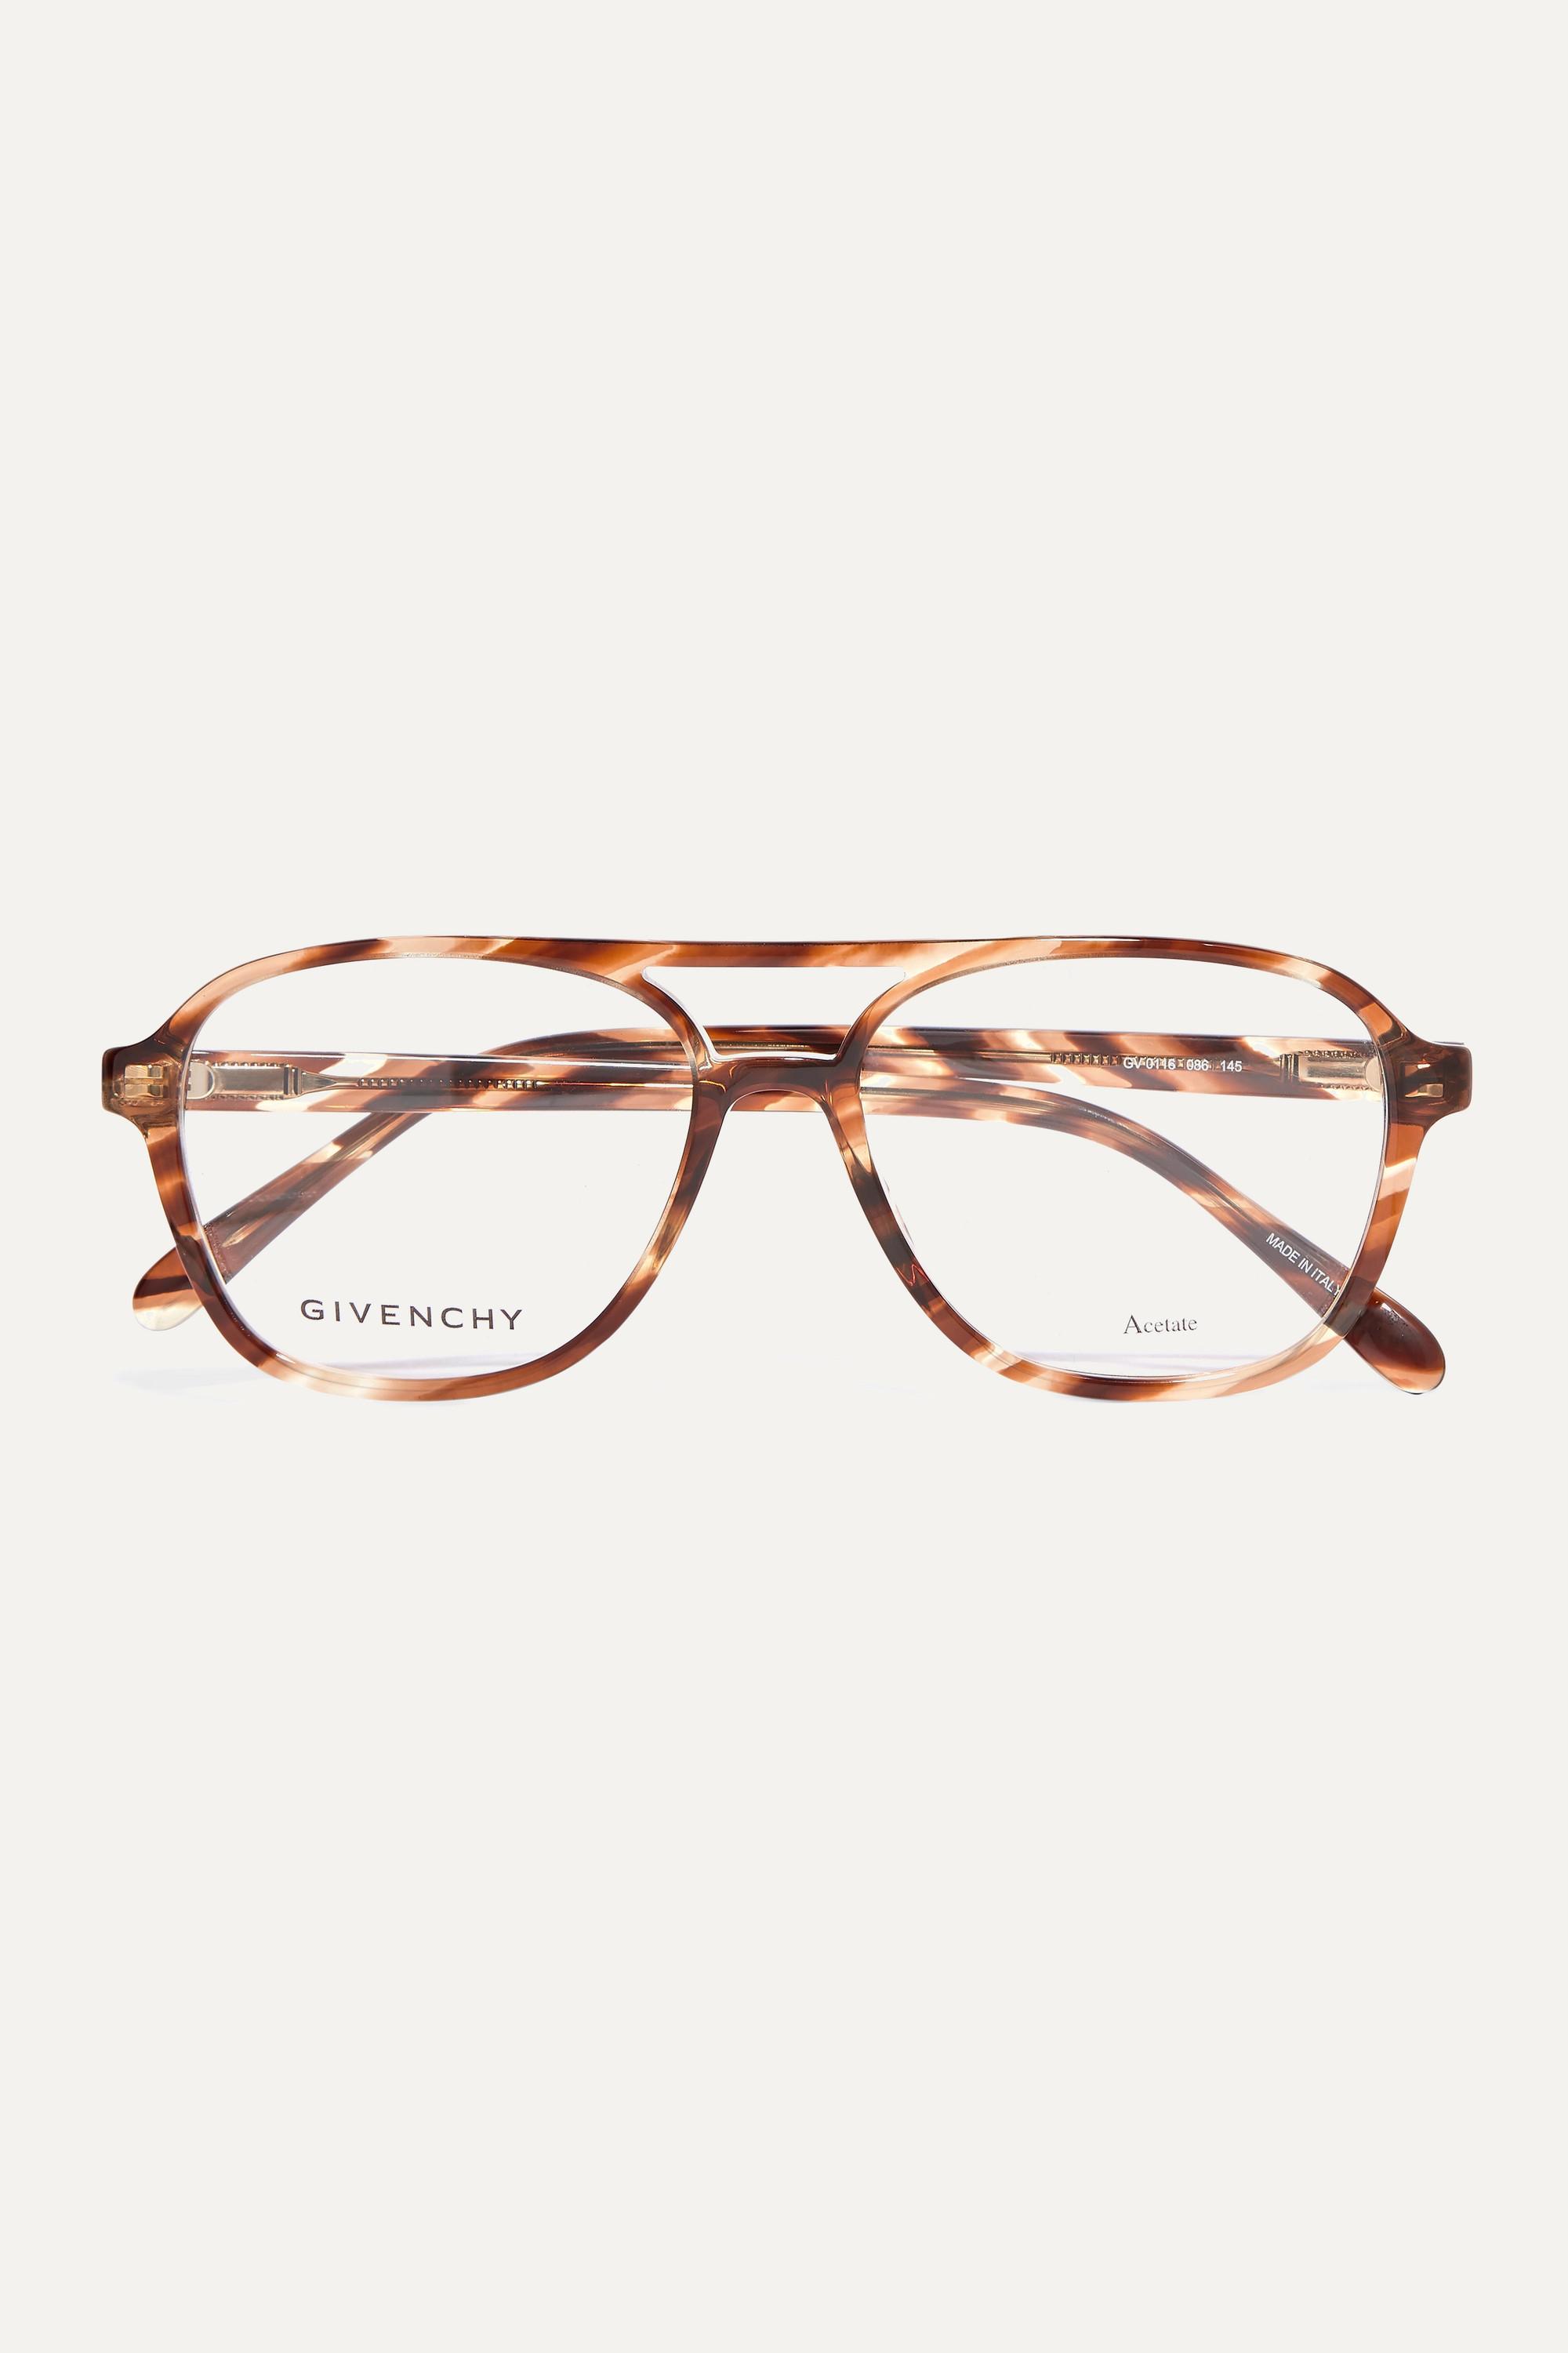 Givenchy Aviator-style tortoiseshell acetate optical glasses